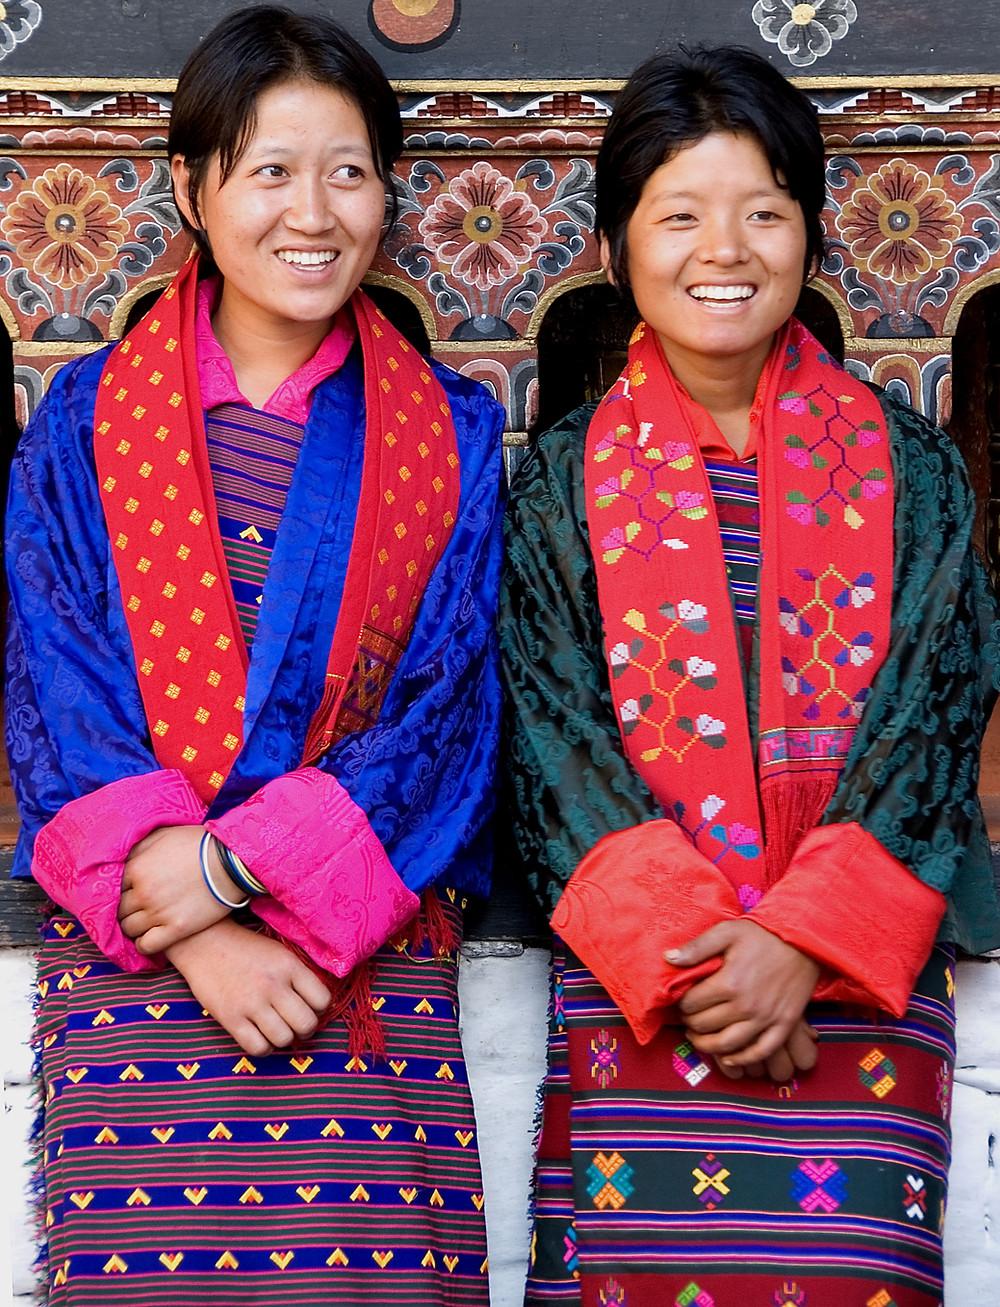 Young Bhutanese women wearing kira at tshechu festival